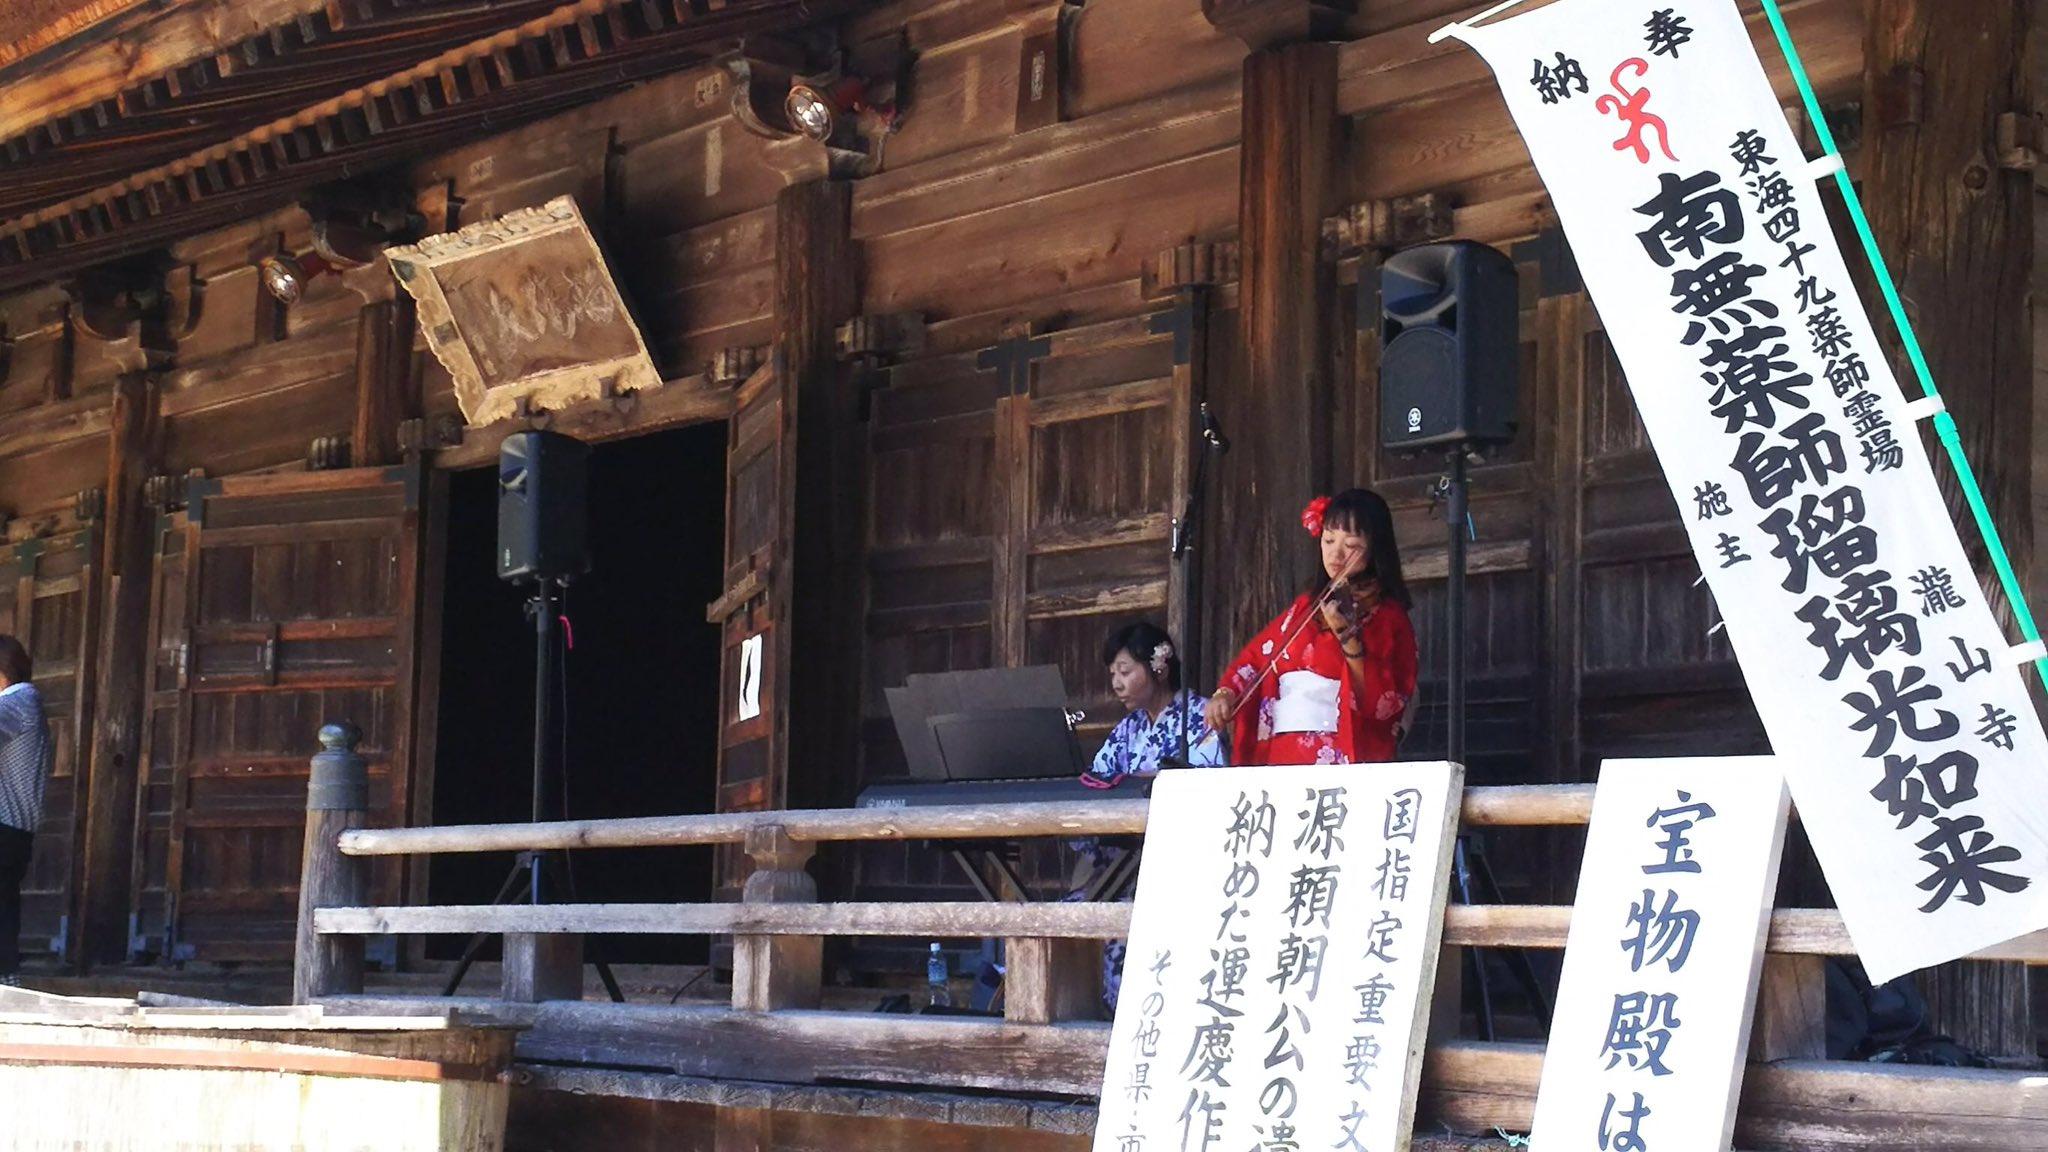 岡崎市 滝山寺 味噌桶太鼓完成祝い_f0109257_22502919.jpg